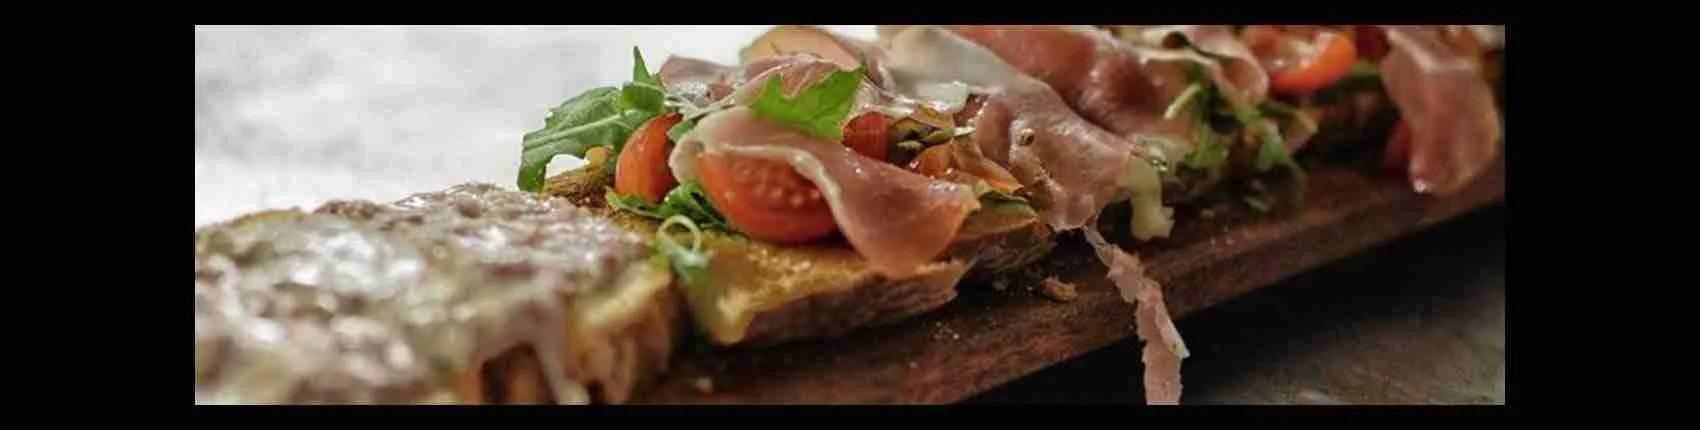 Se vuoi prendere per la gola una escort Firenze, un panino con il lampredotto e un buon calice di vino sono la scelta perfetta a Firenze. Magica Escort